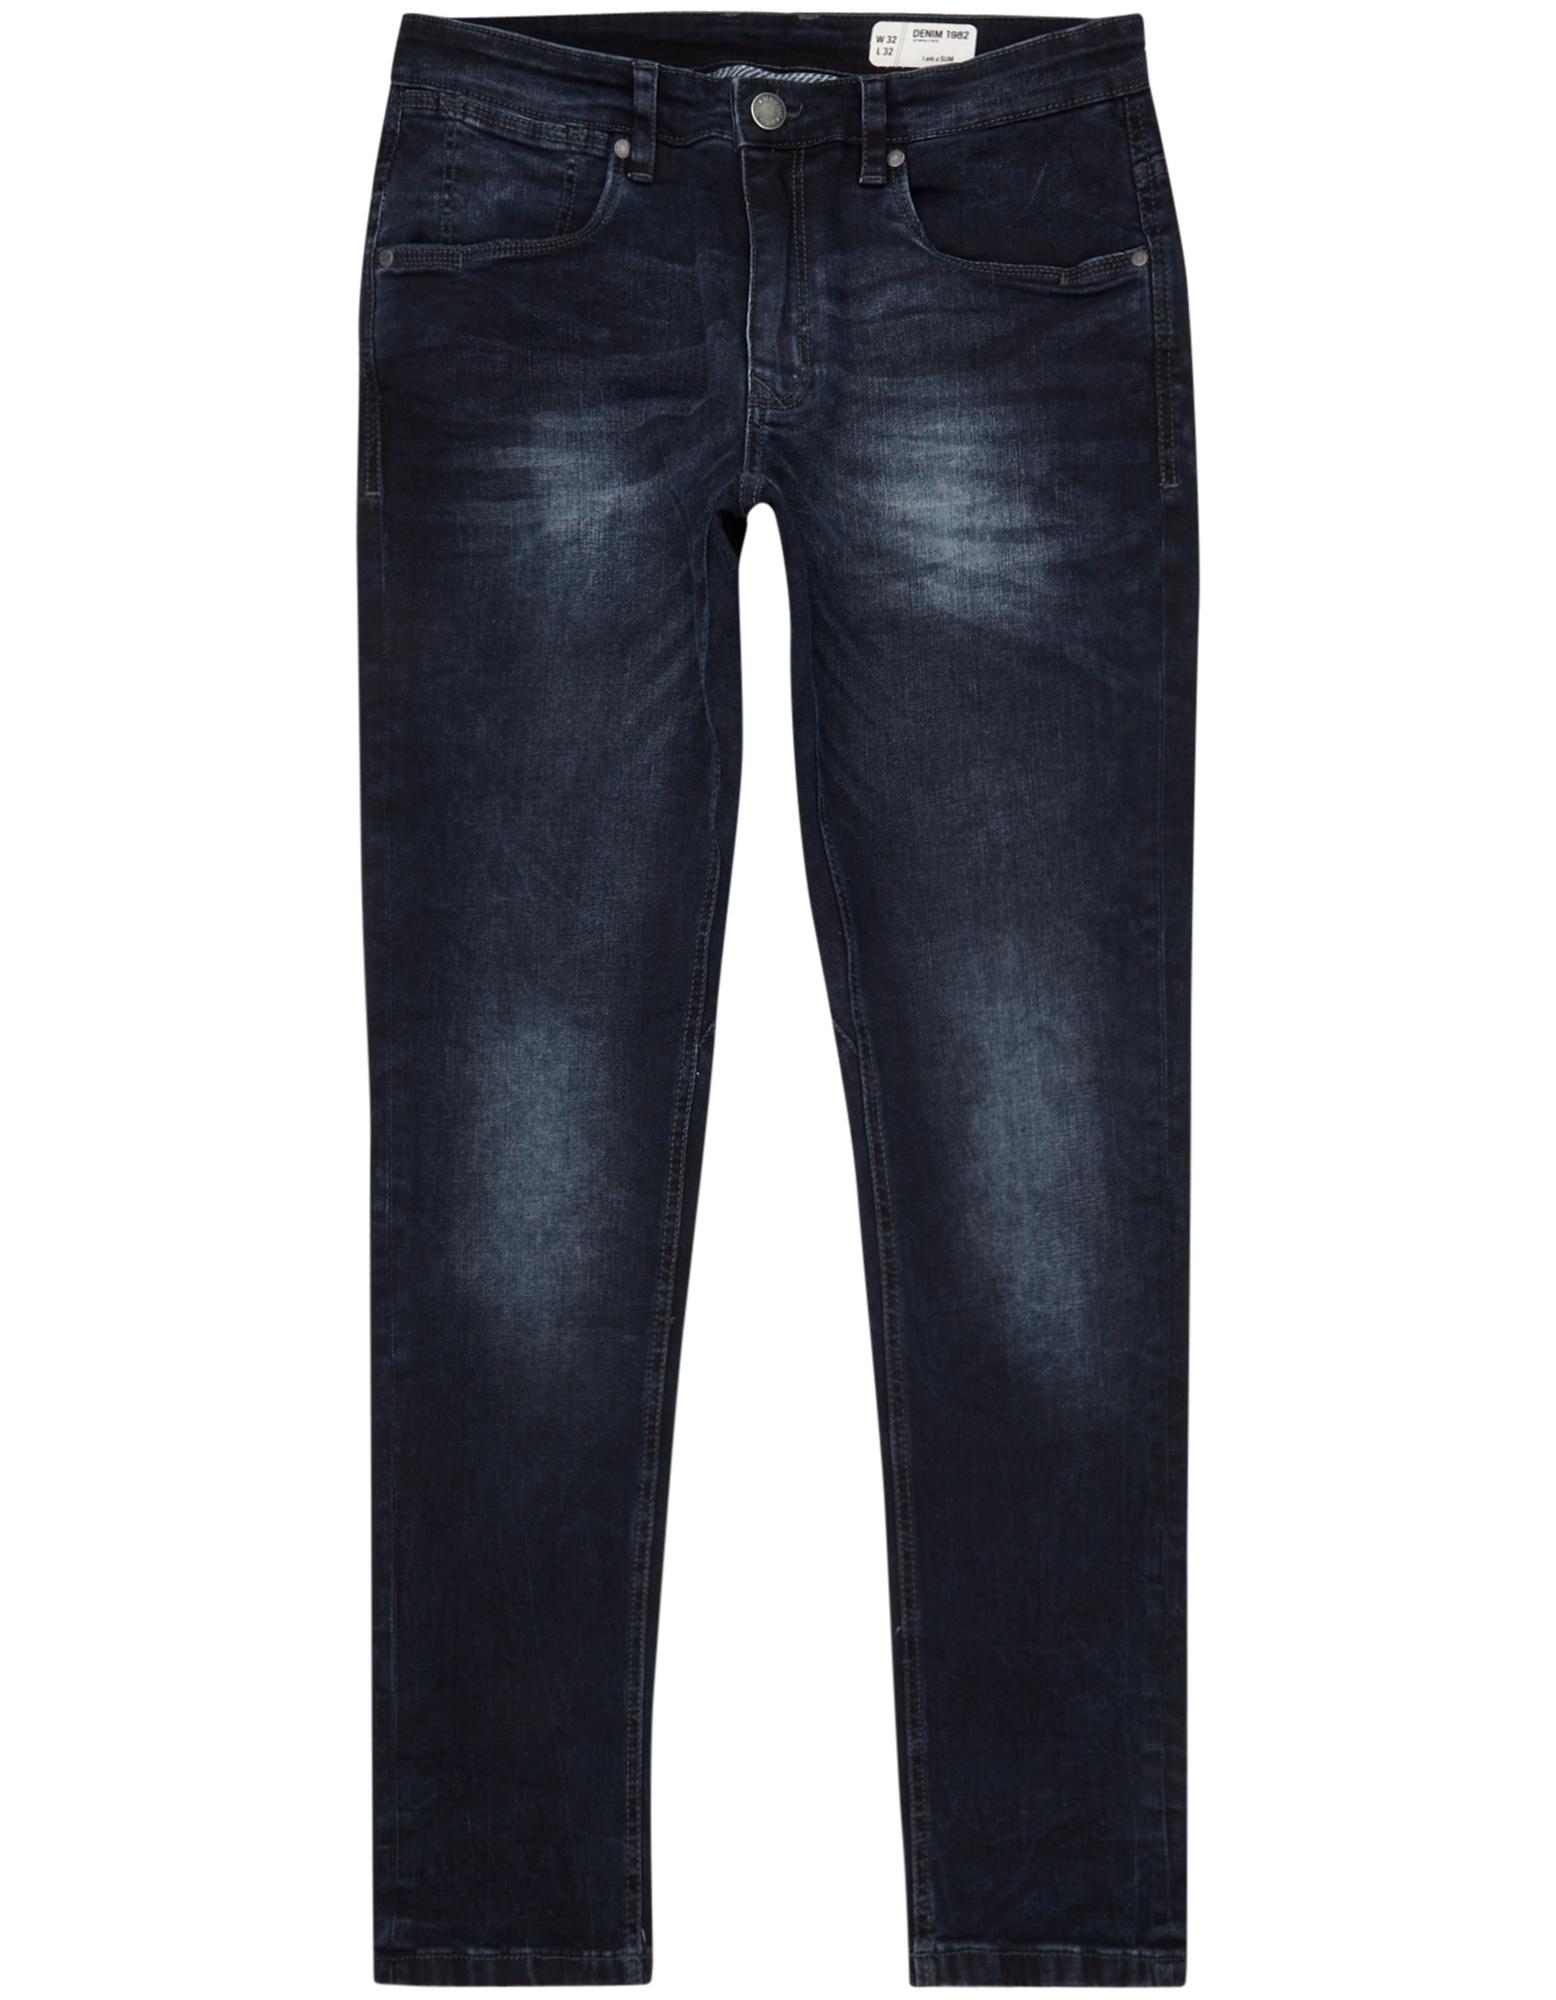 herren slim fit jeans takko fashion. Black Bedroom Furniture Sets. Home Design Ideas